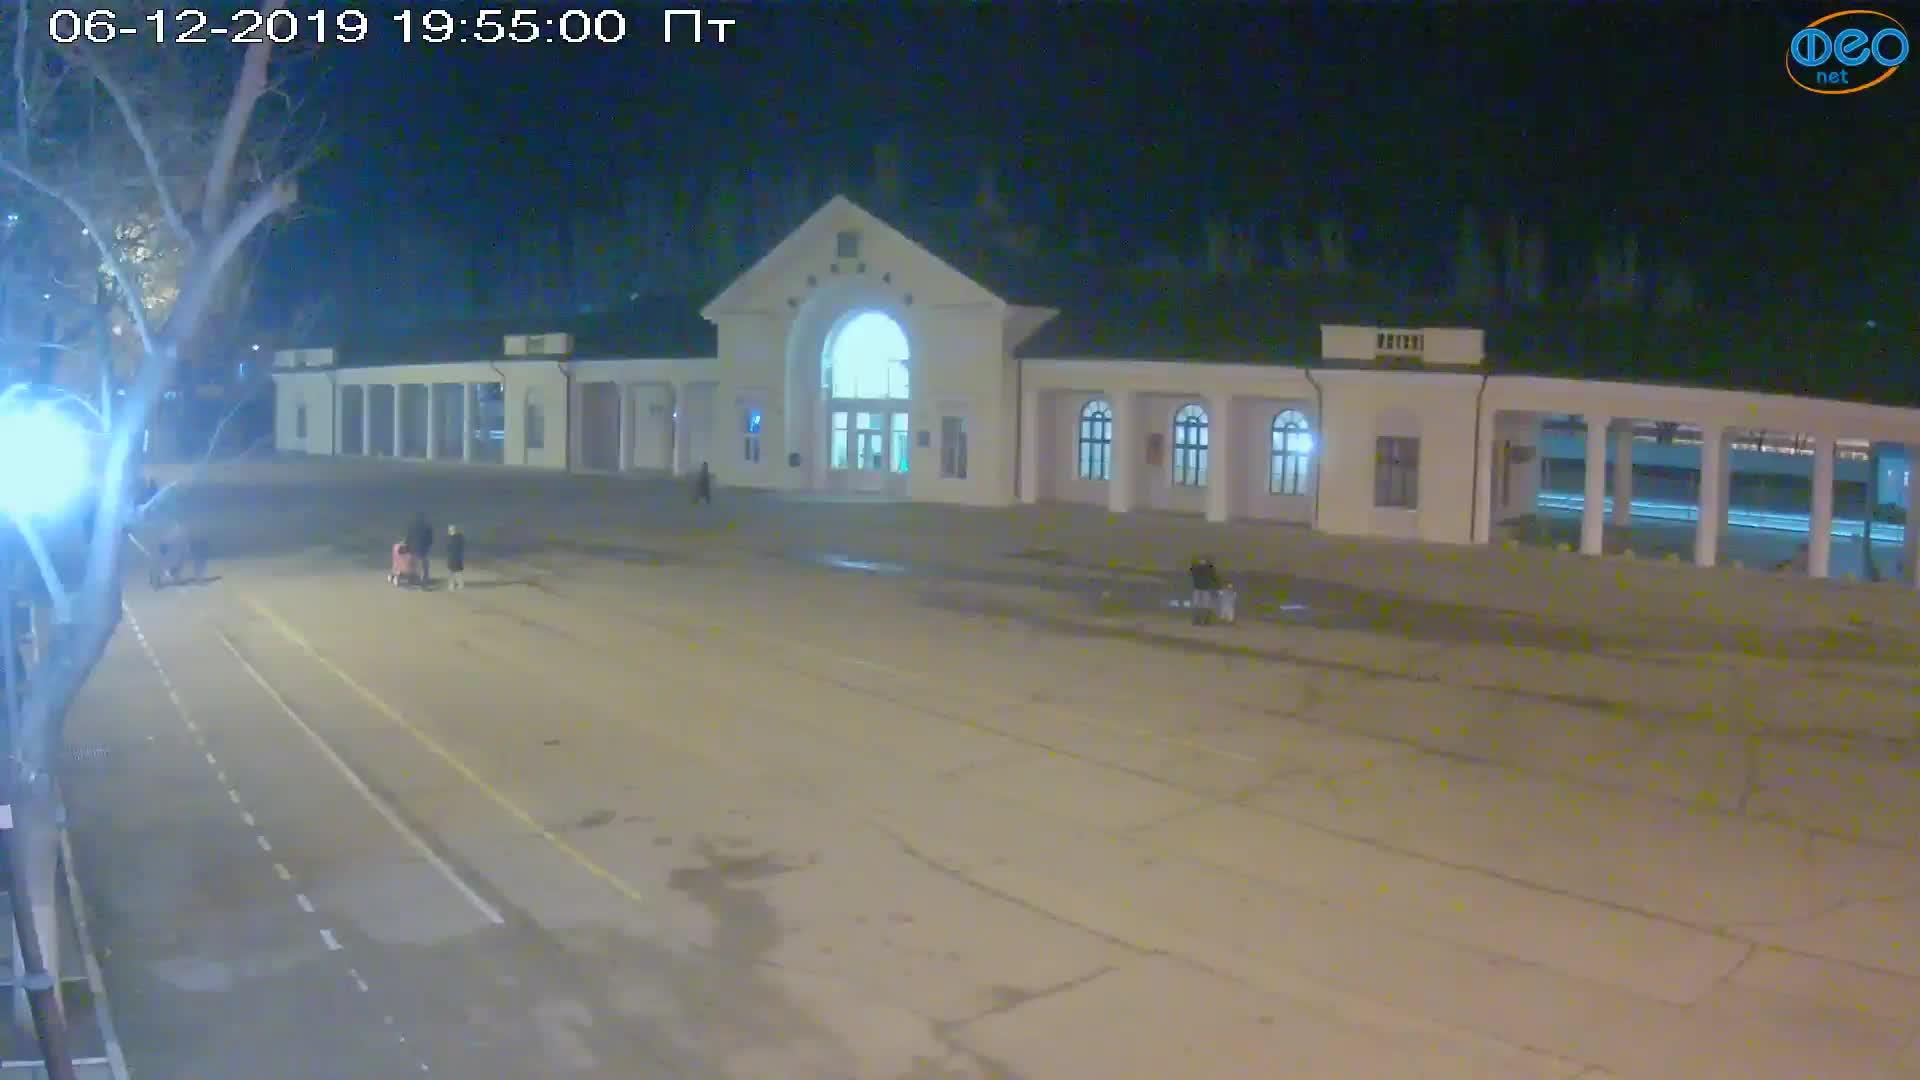 Веб-камеры Феодосии, Привокзальная площадь, 2019-12-06 19:55:21